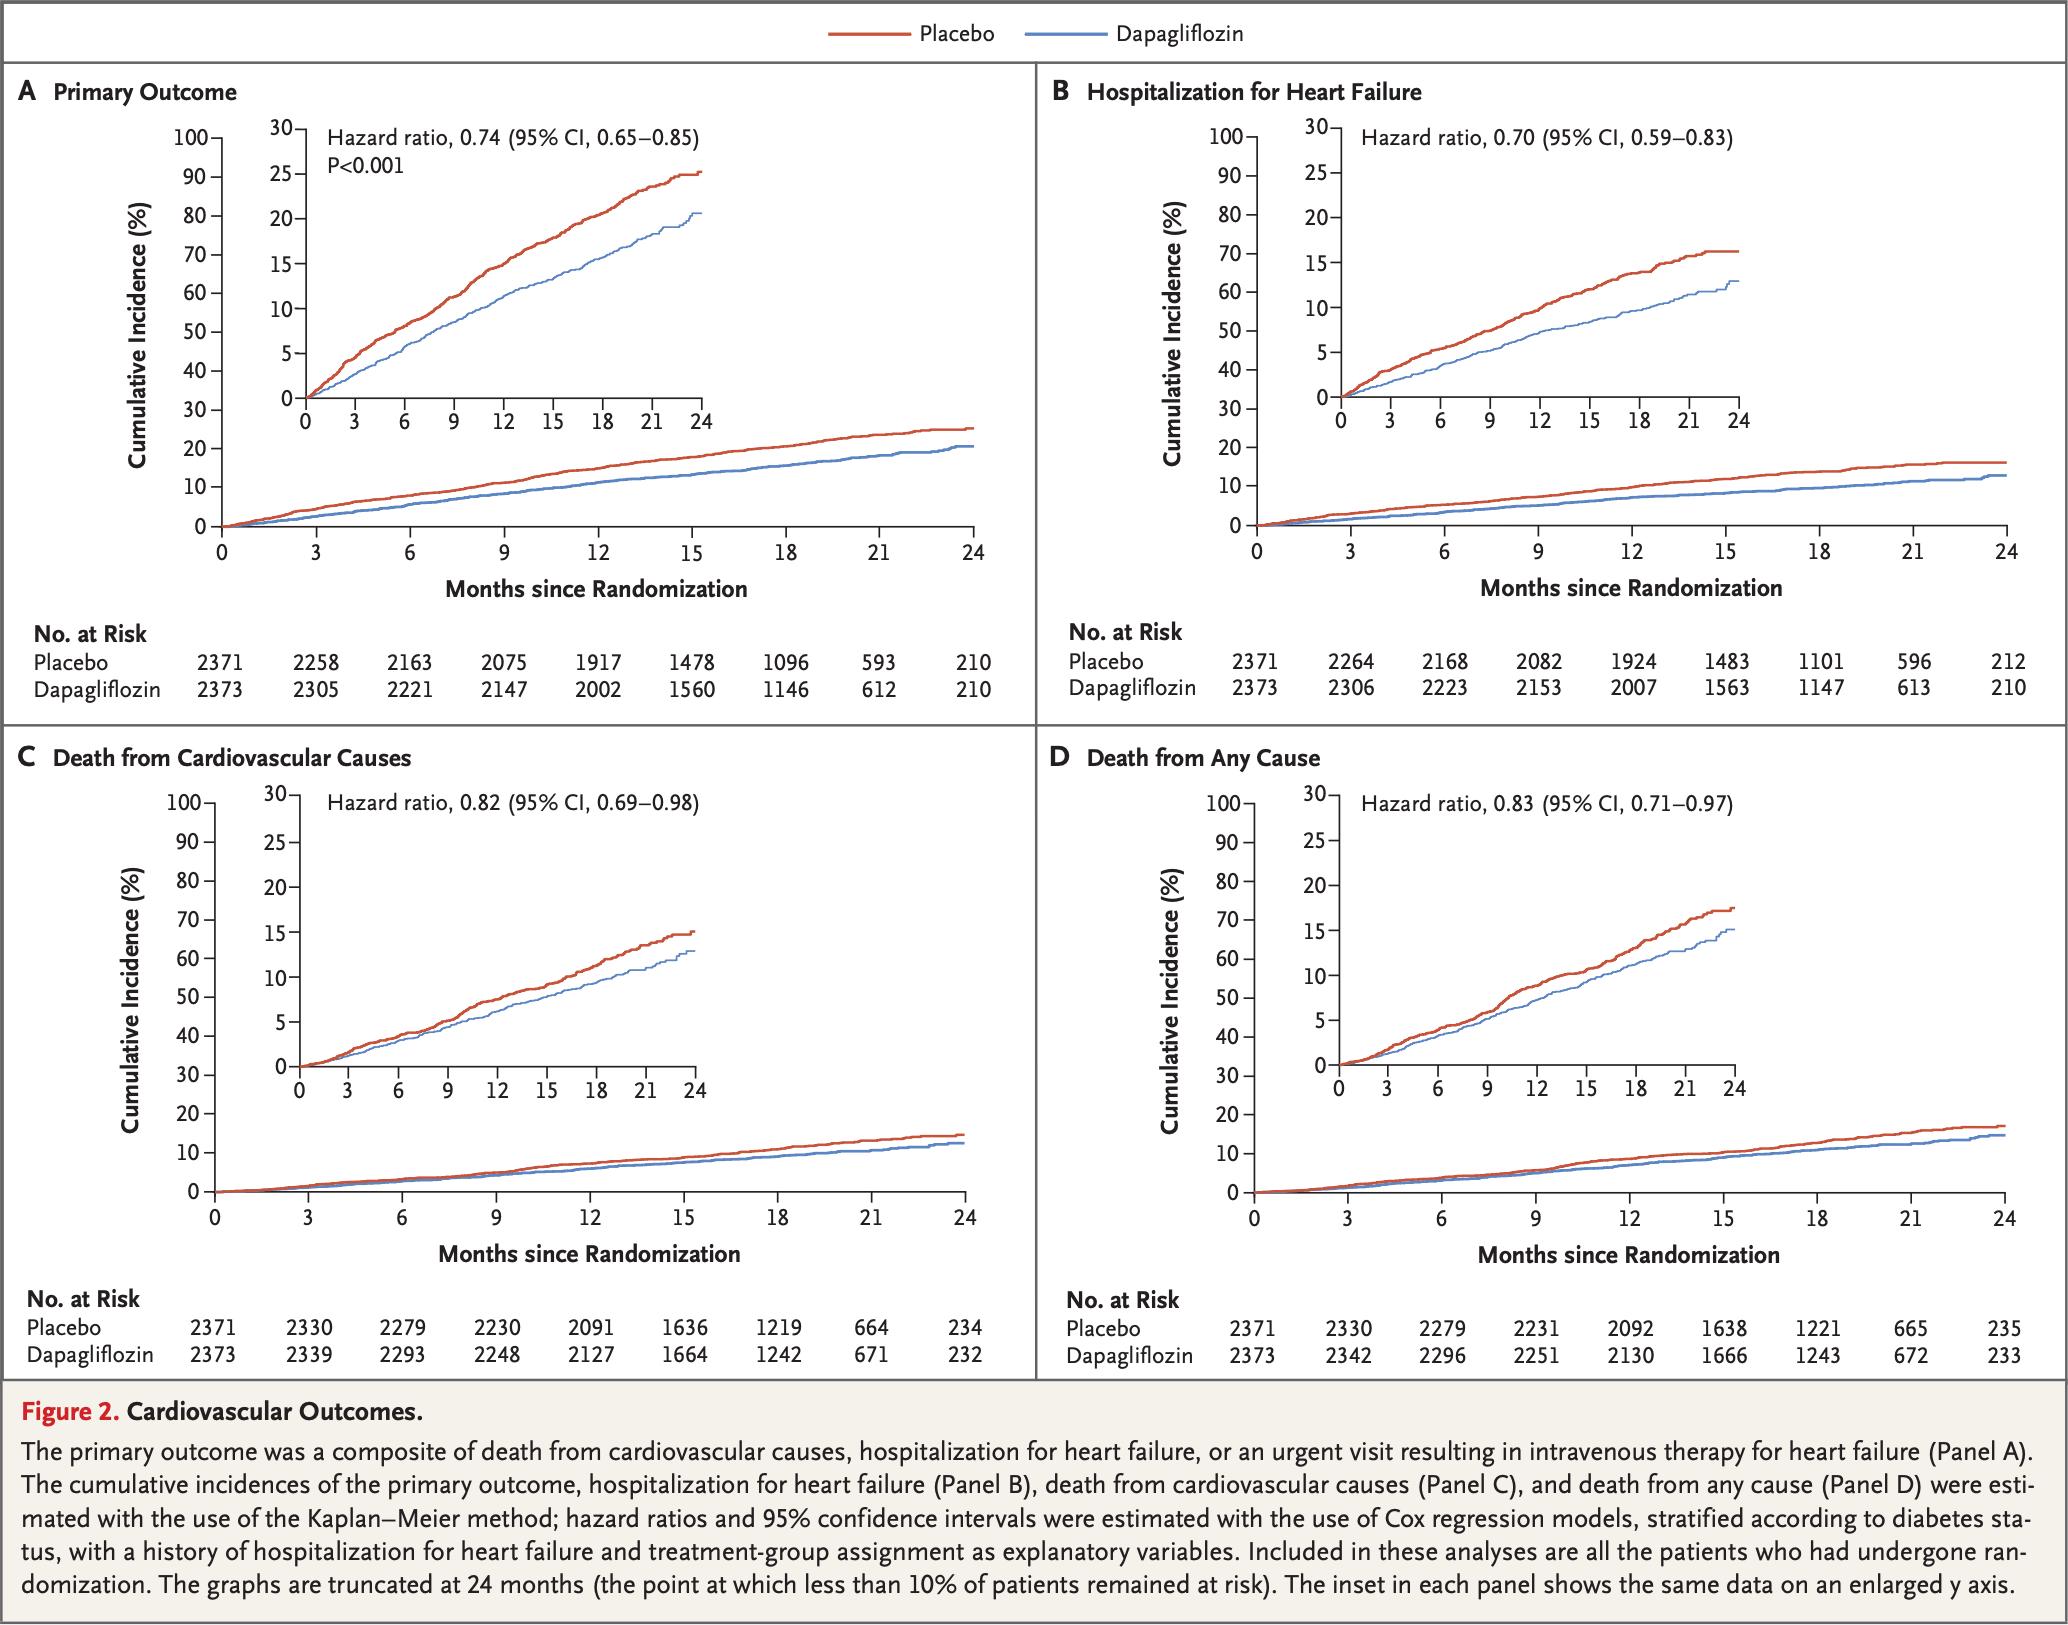 nct 03036124 results 02 - «Форсига»: новый препарат для лечения хронической сердечной недостаточности